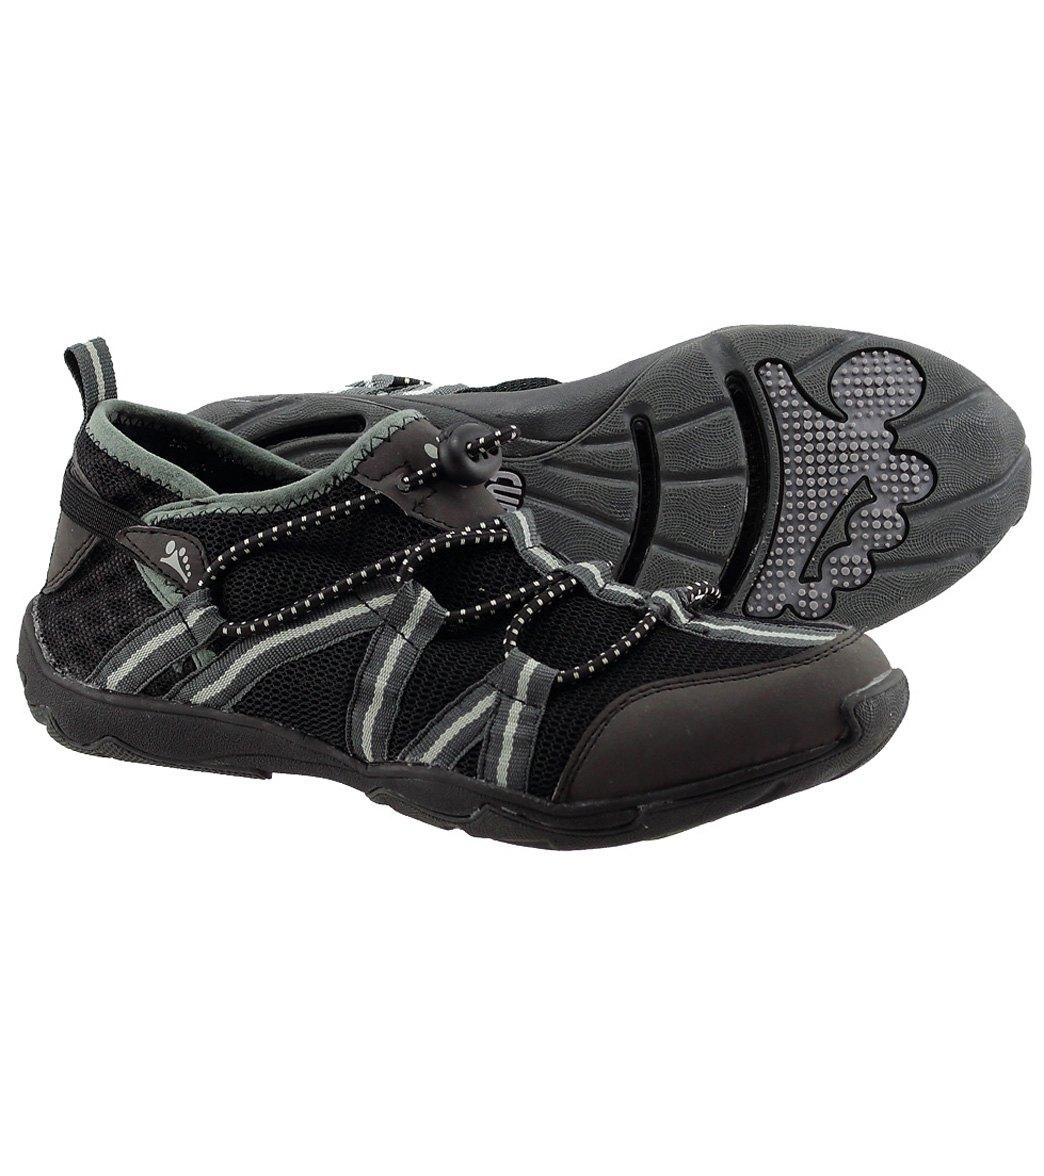 e976c1d16b74 Cudas Women s Tsunami II Water Shoes